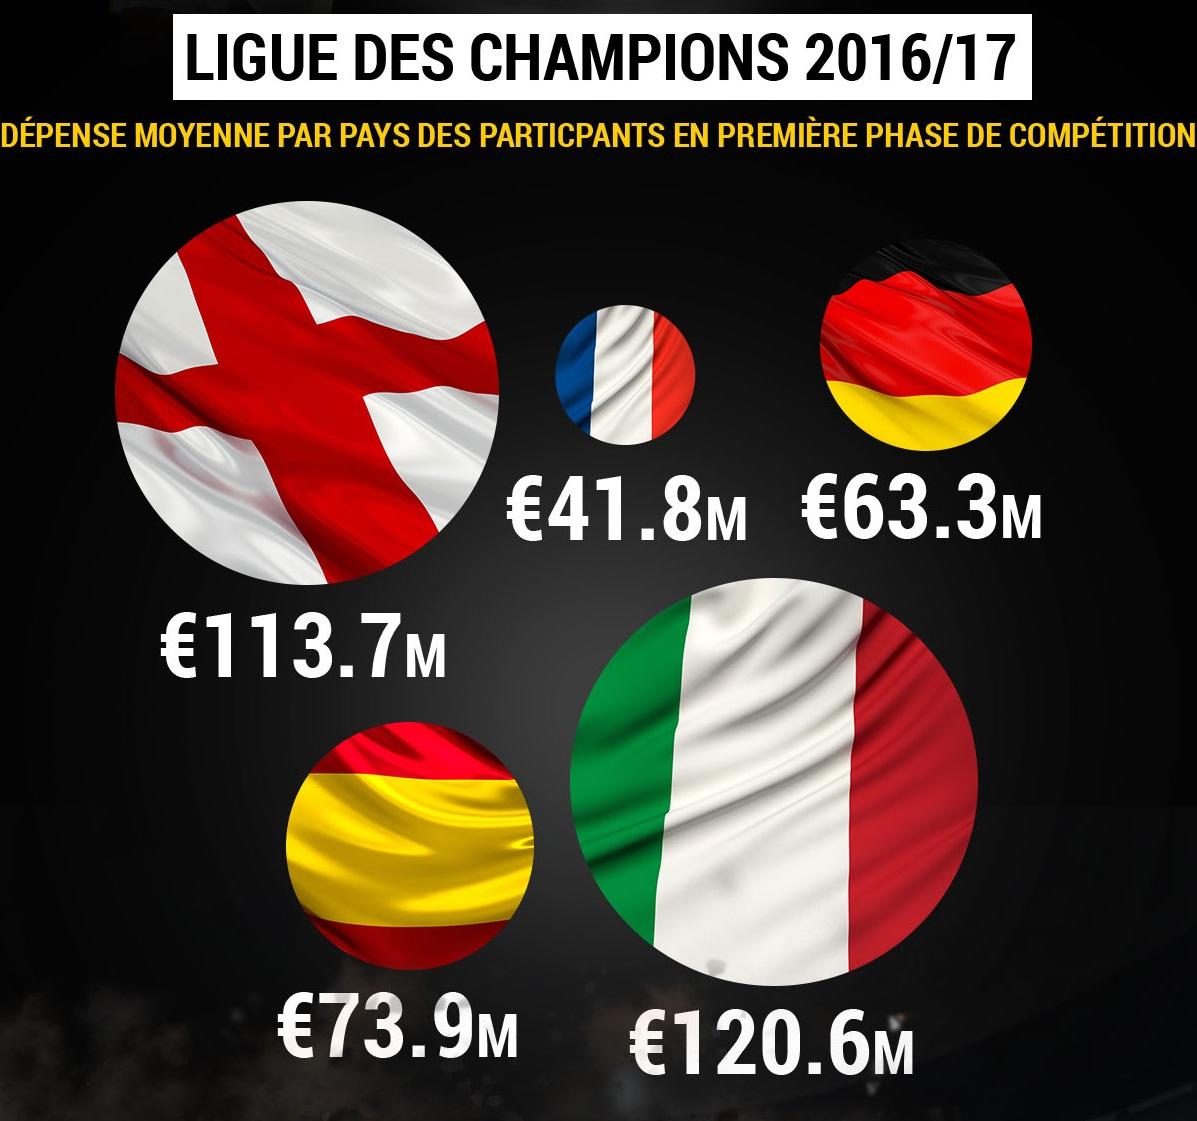 stats ligue des champions 2016-2017